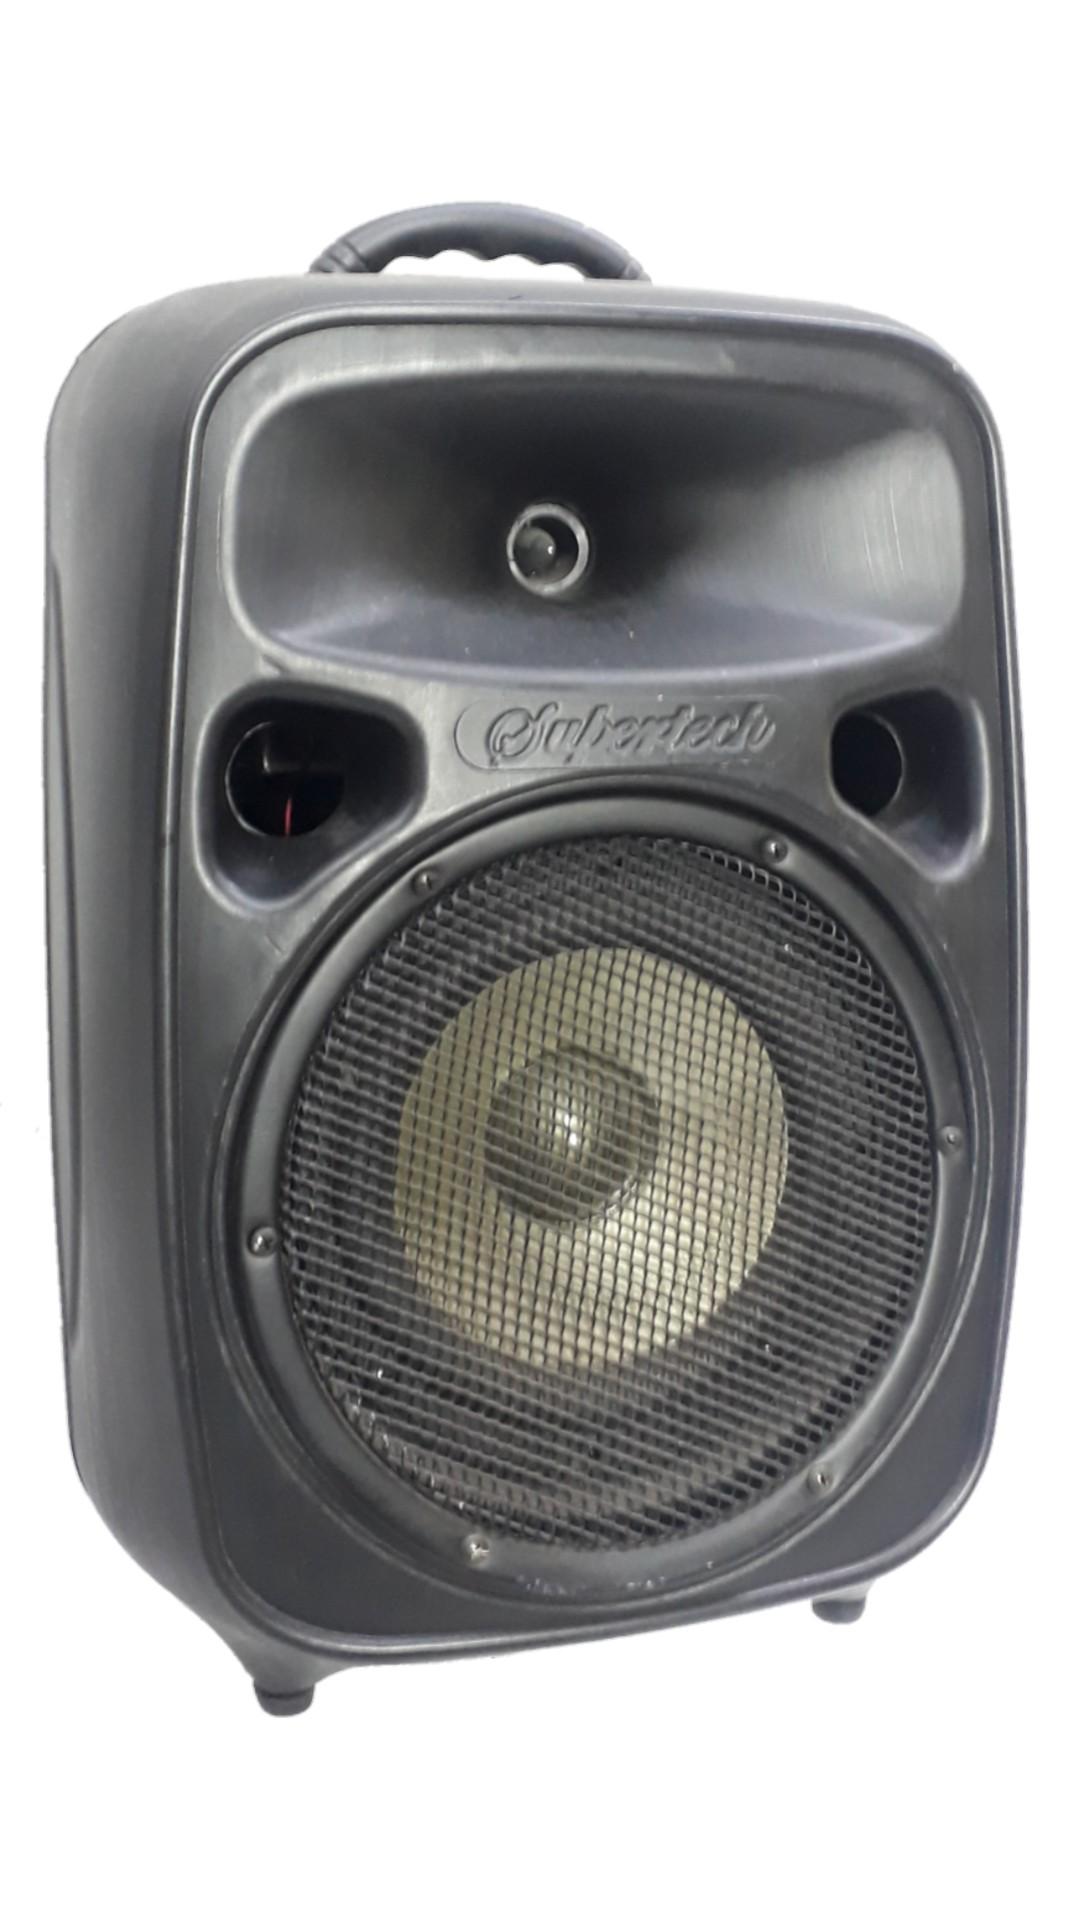 Caixa Amplificada Supertech Pe10 Turbinada Usb/Sd/Fm,Falante8, Auto rádio C/Mix 2canais, 6entradas, Fonte05476,Ativa 272wref Preta propaganda